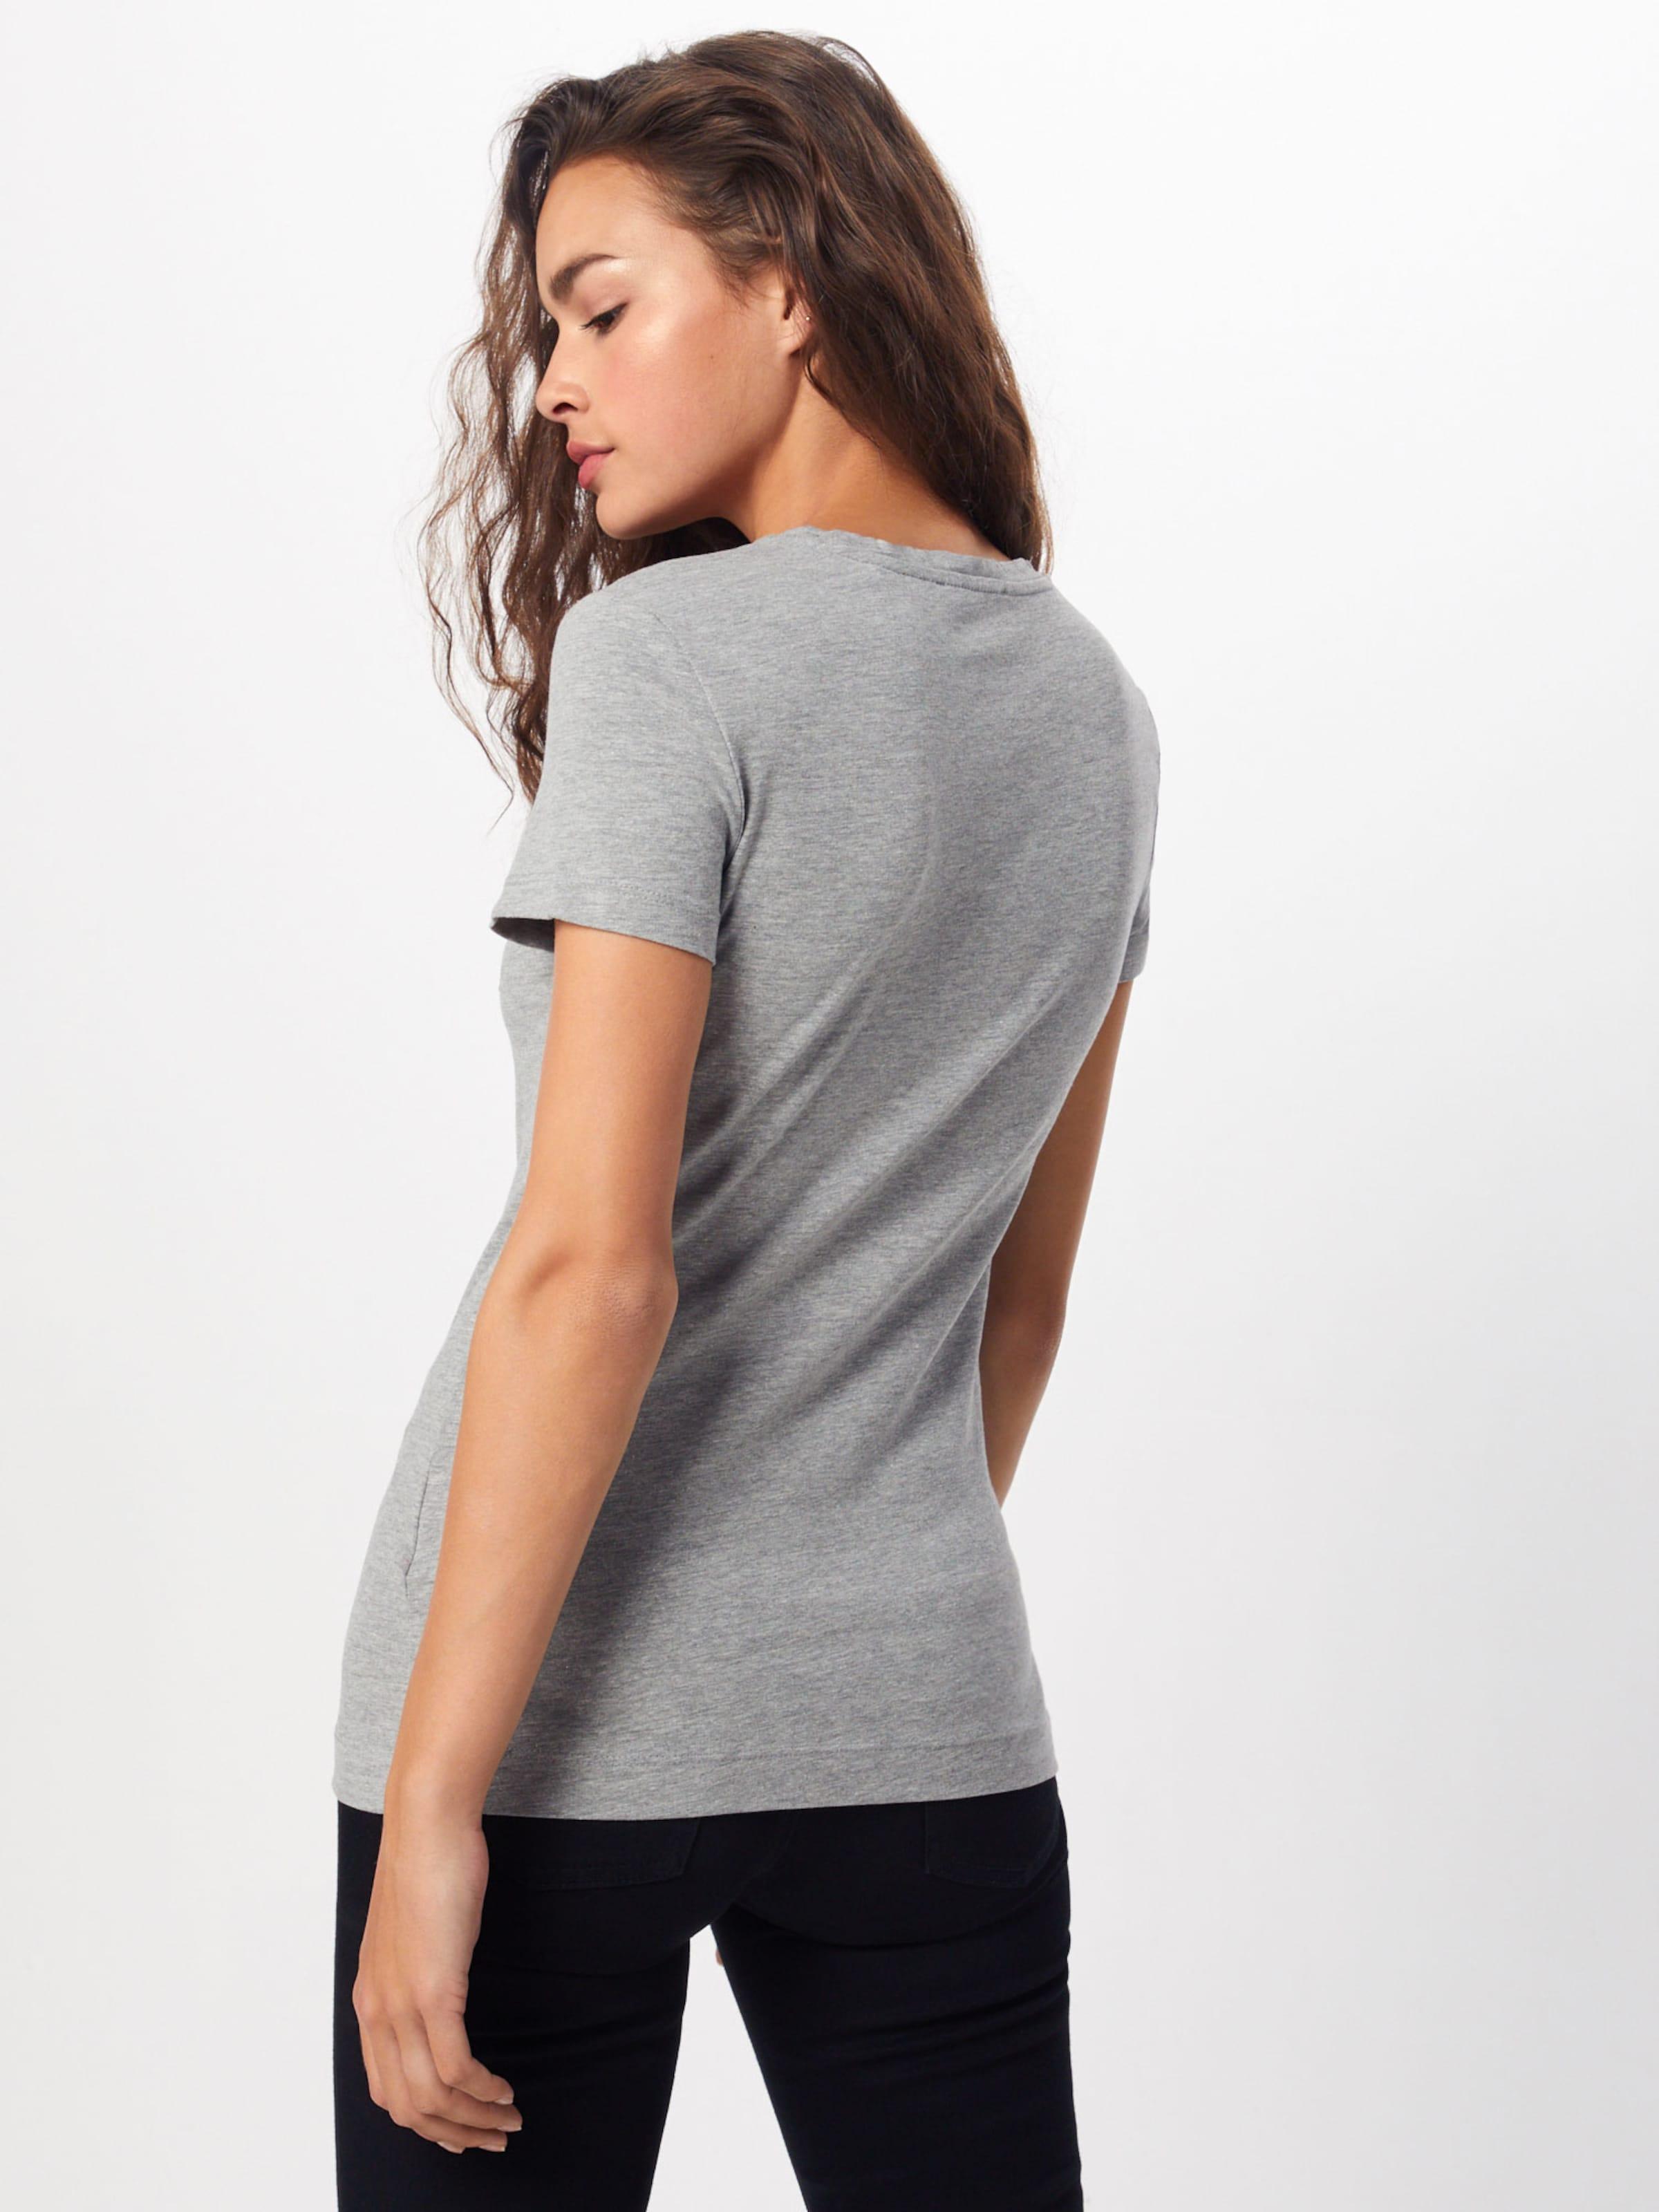 Guess Shirt Shirt Grau In Guess Guess In Grau EHYeWDb29I